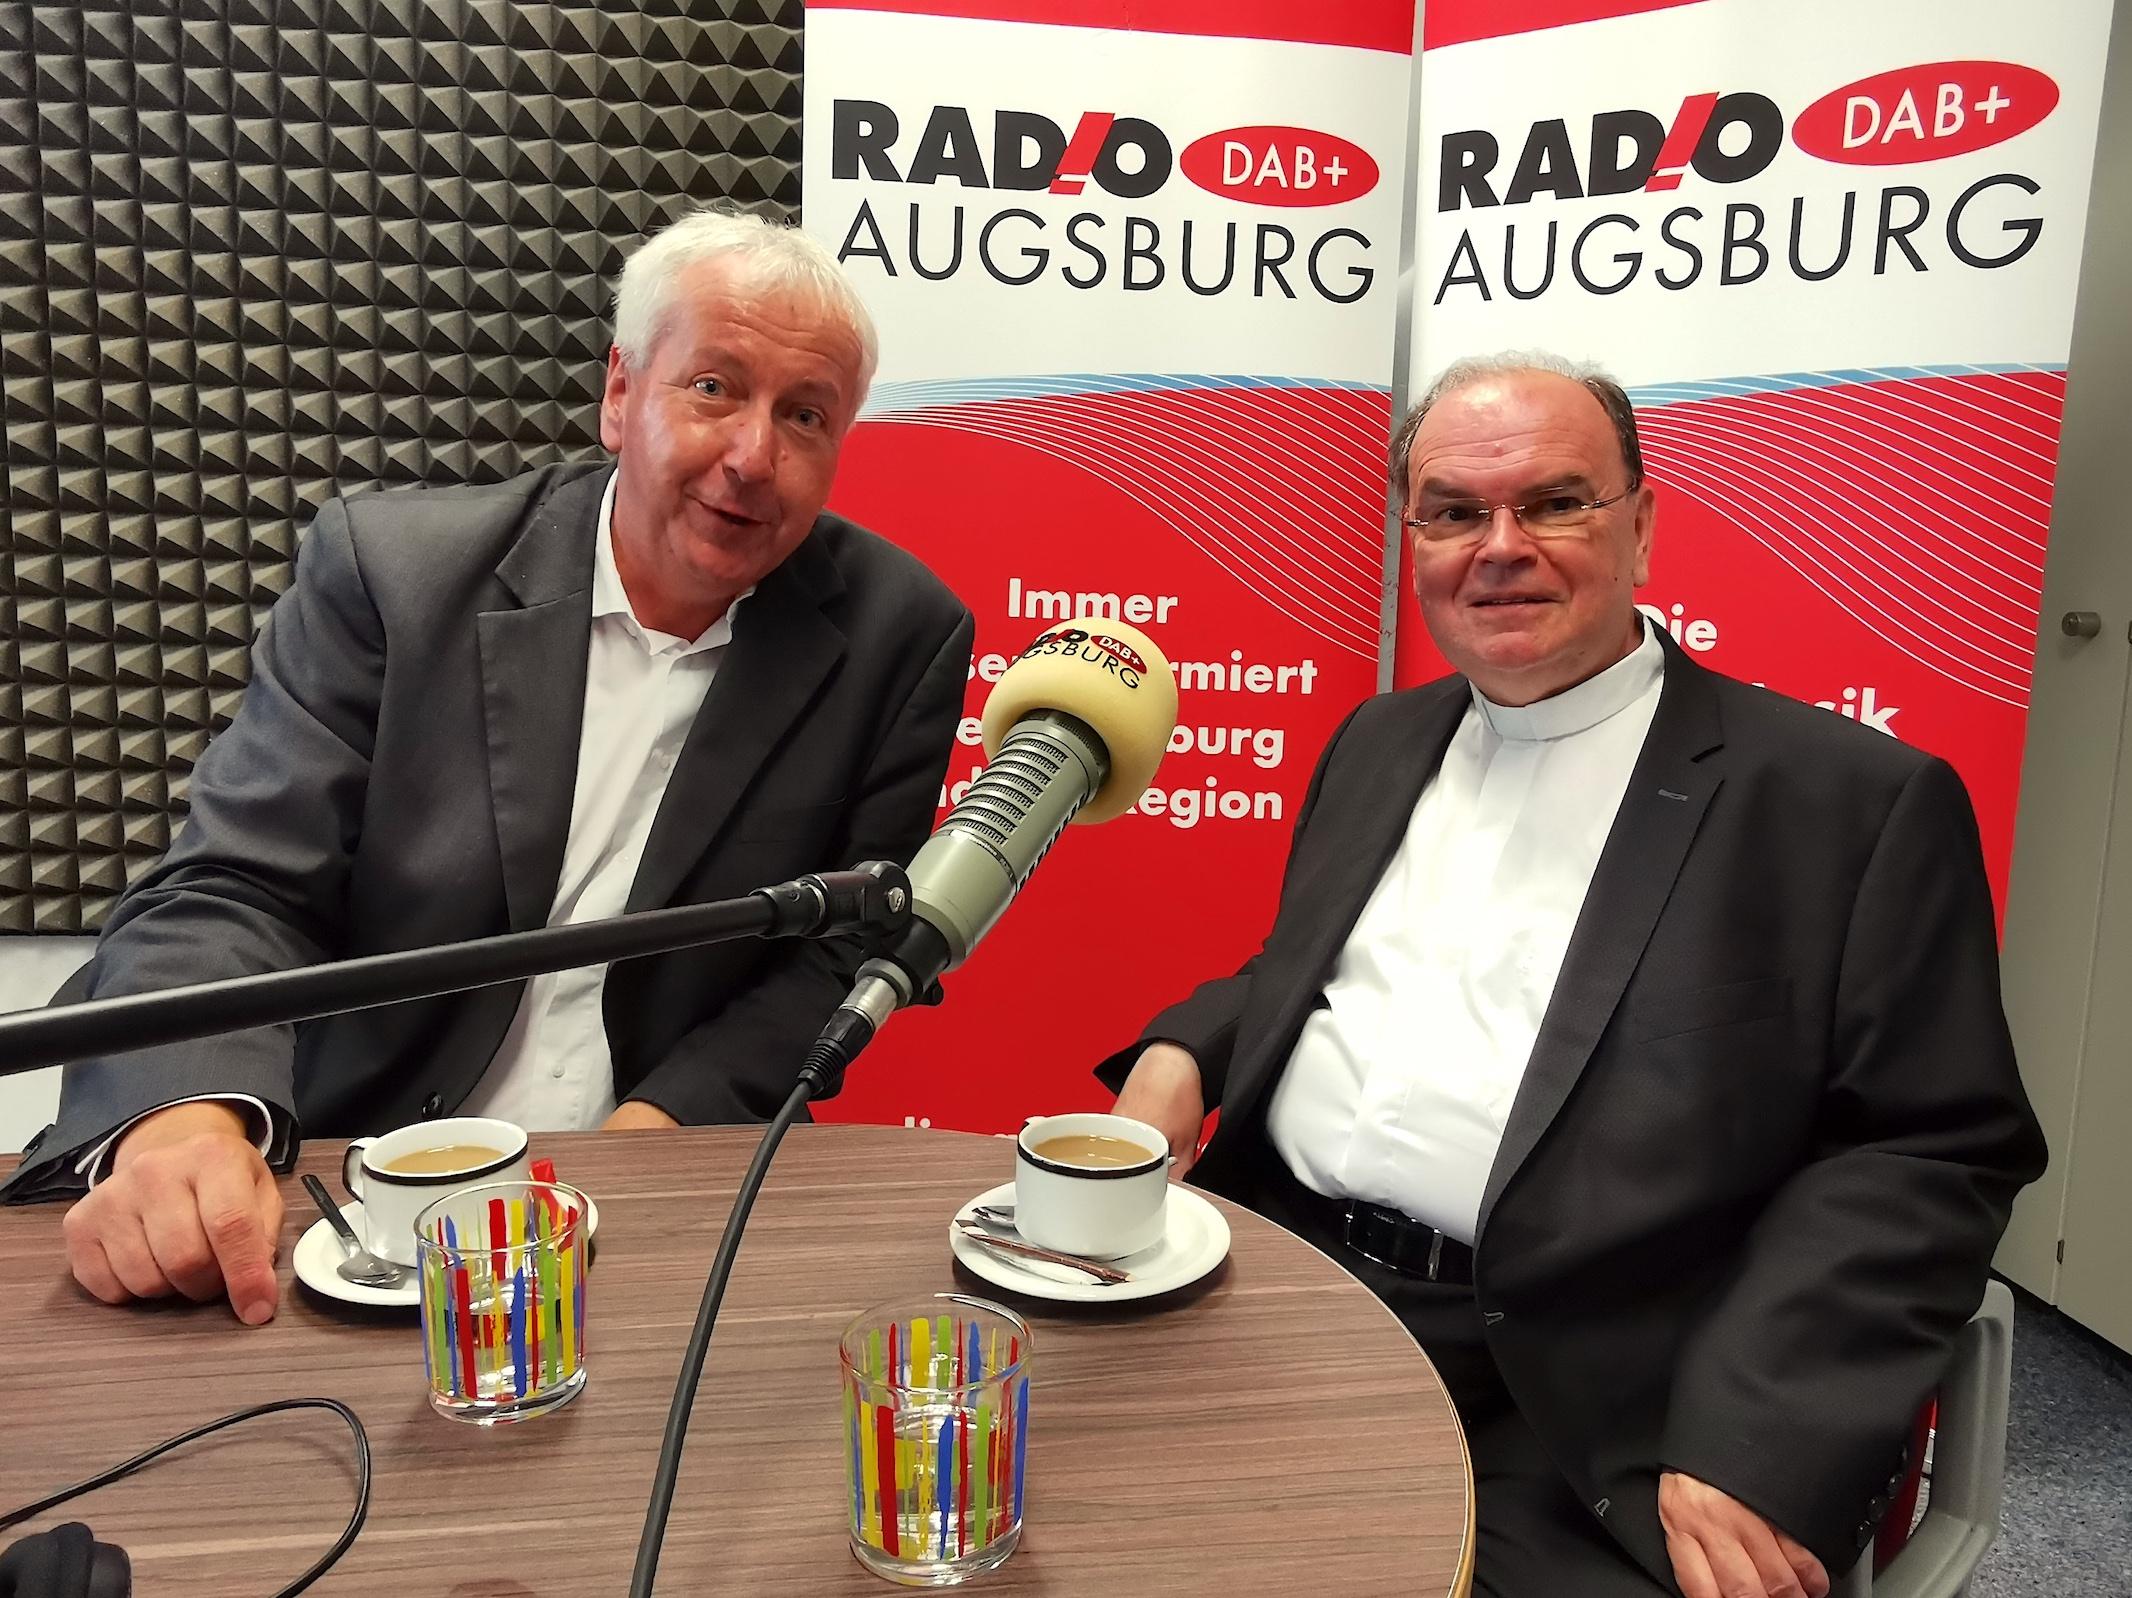 Am Sonntag zu hören: Uli Bobinger im Gespräch mit Diözesanadministrator Prälat Dr. Bertram Meier. (Foto: Radio Augsburg)